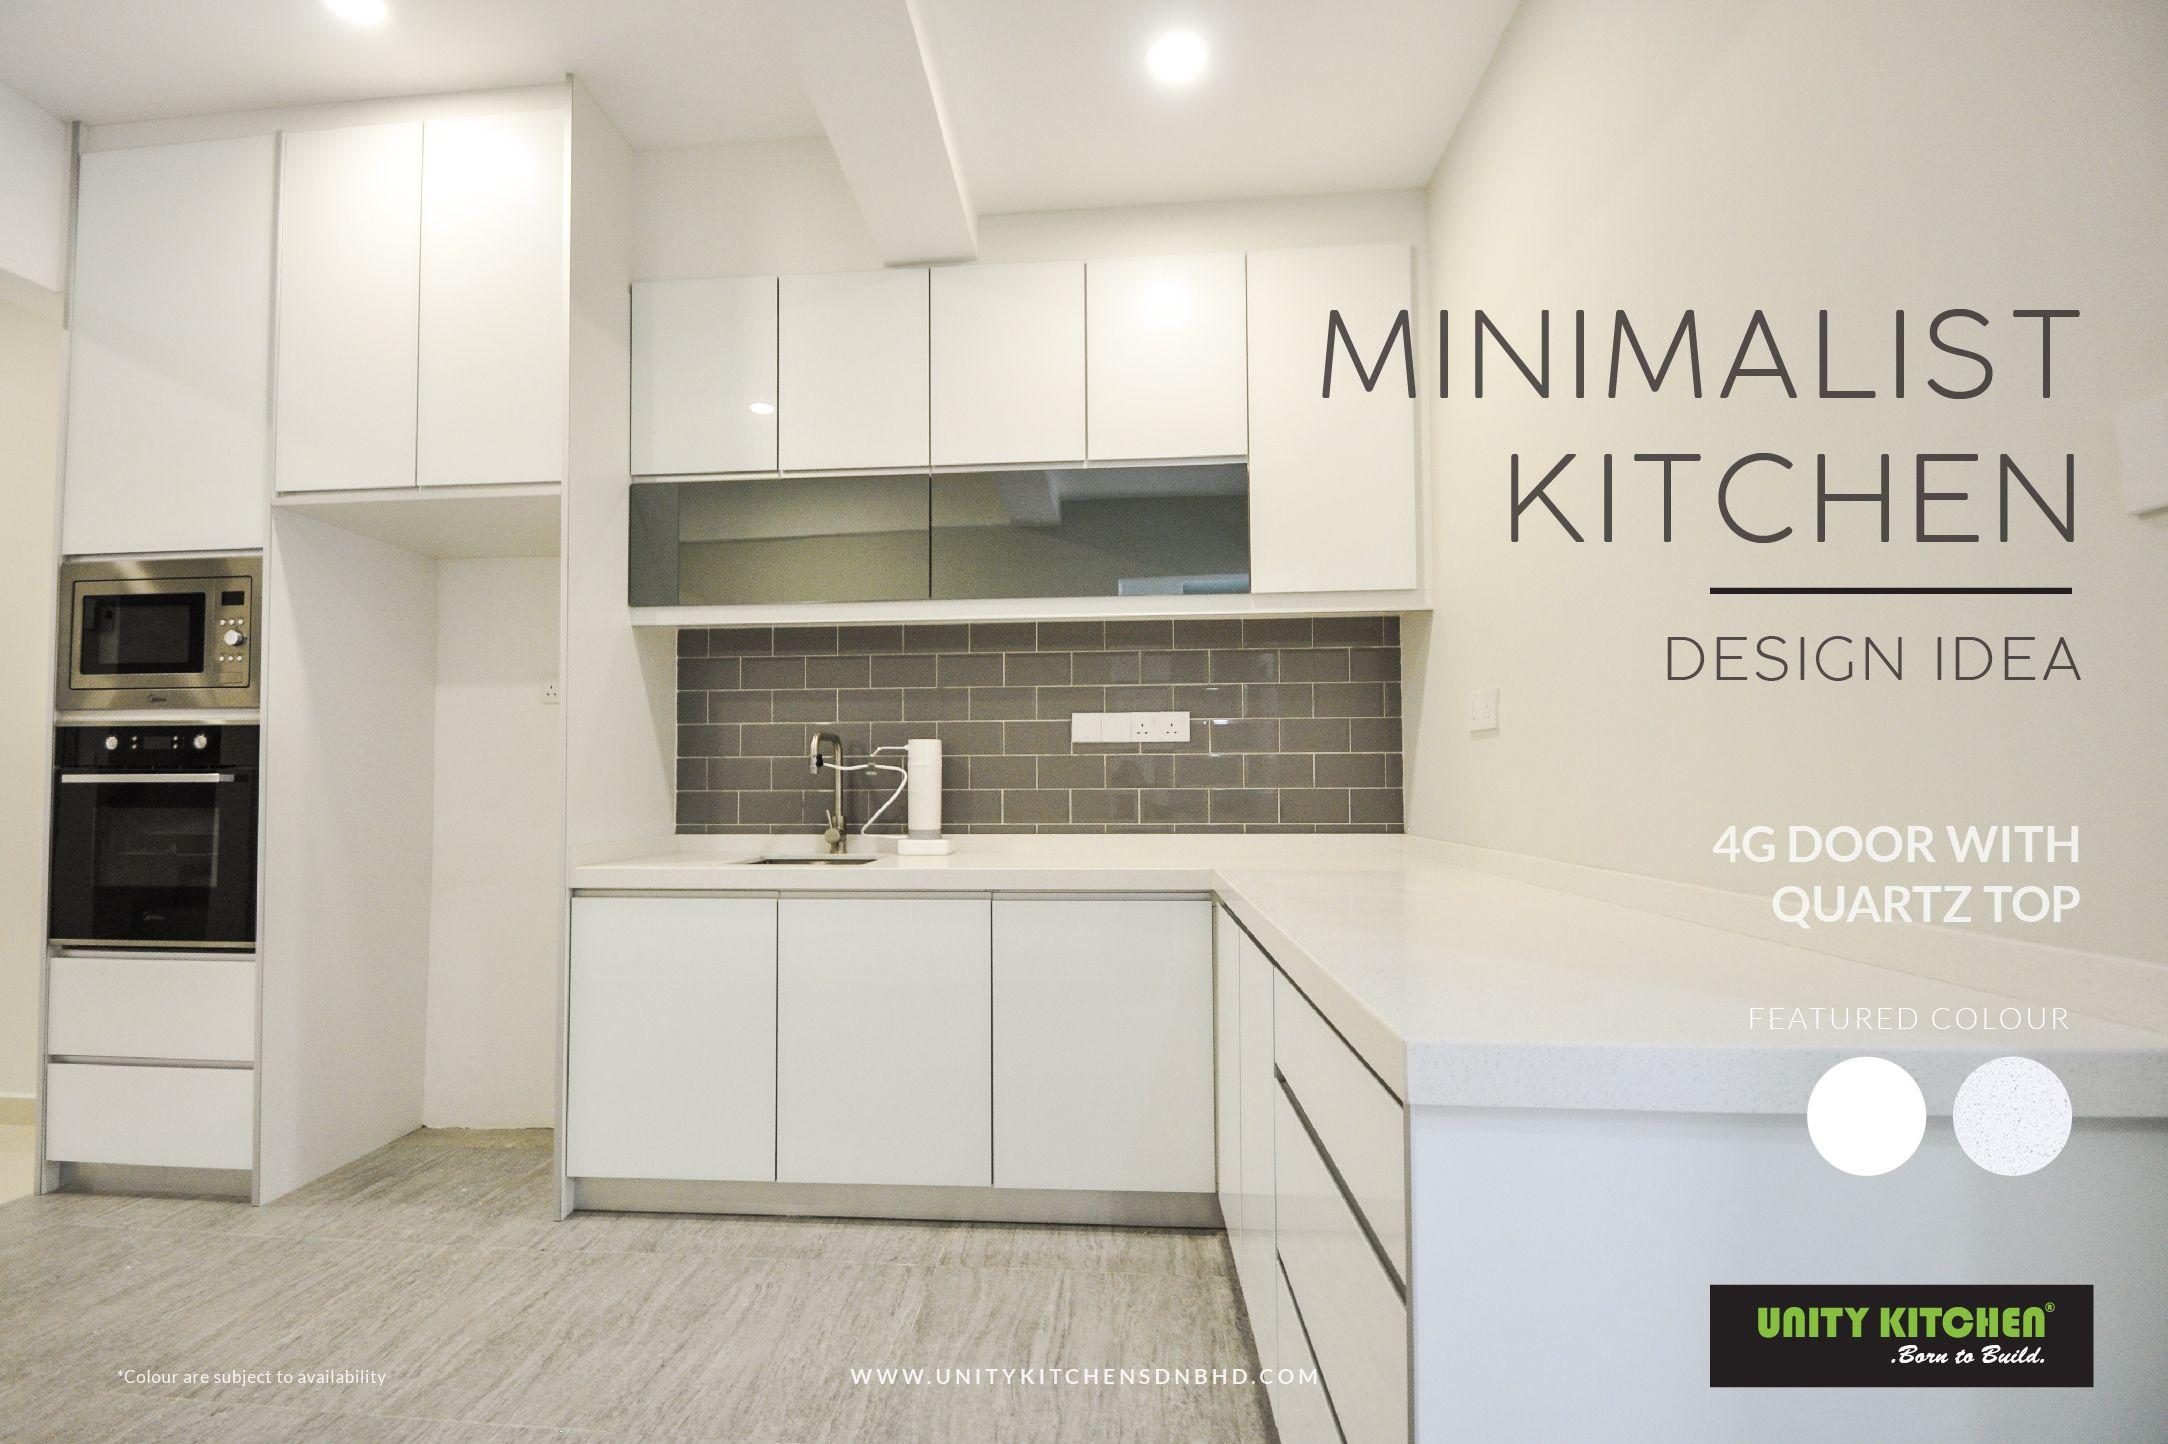 Create Your Own Unique Kitchen Cabinet By Unity Kitchen Unitykitchen Chooseunity Kitchencab In 2020 Minimalist Kitchen Design Kitchen Cabinets Kitchen Design